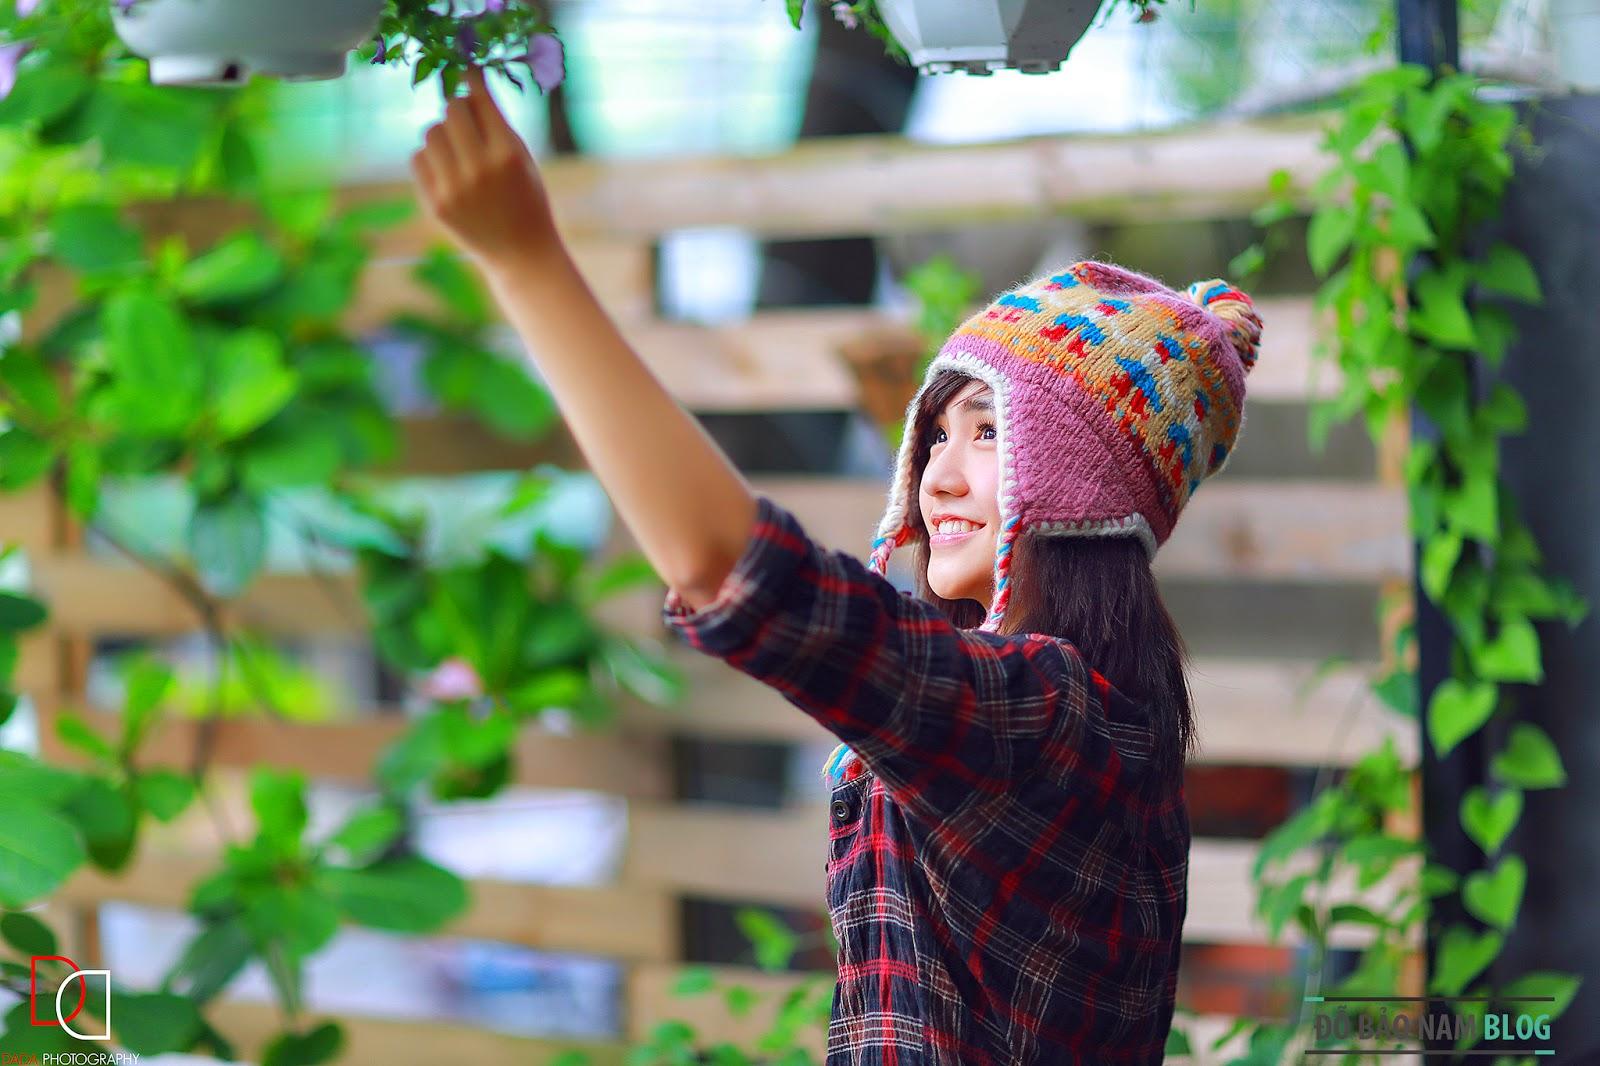 Ảnh đẹp girl xinh mới nhất 2014 được tuyển chọn 10